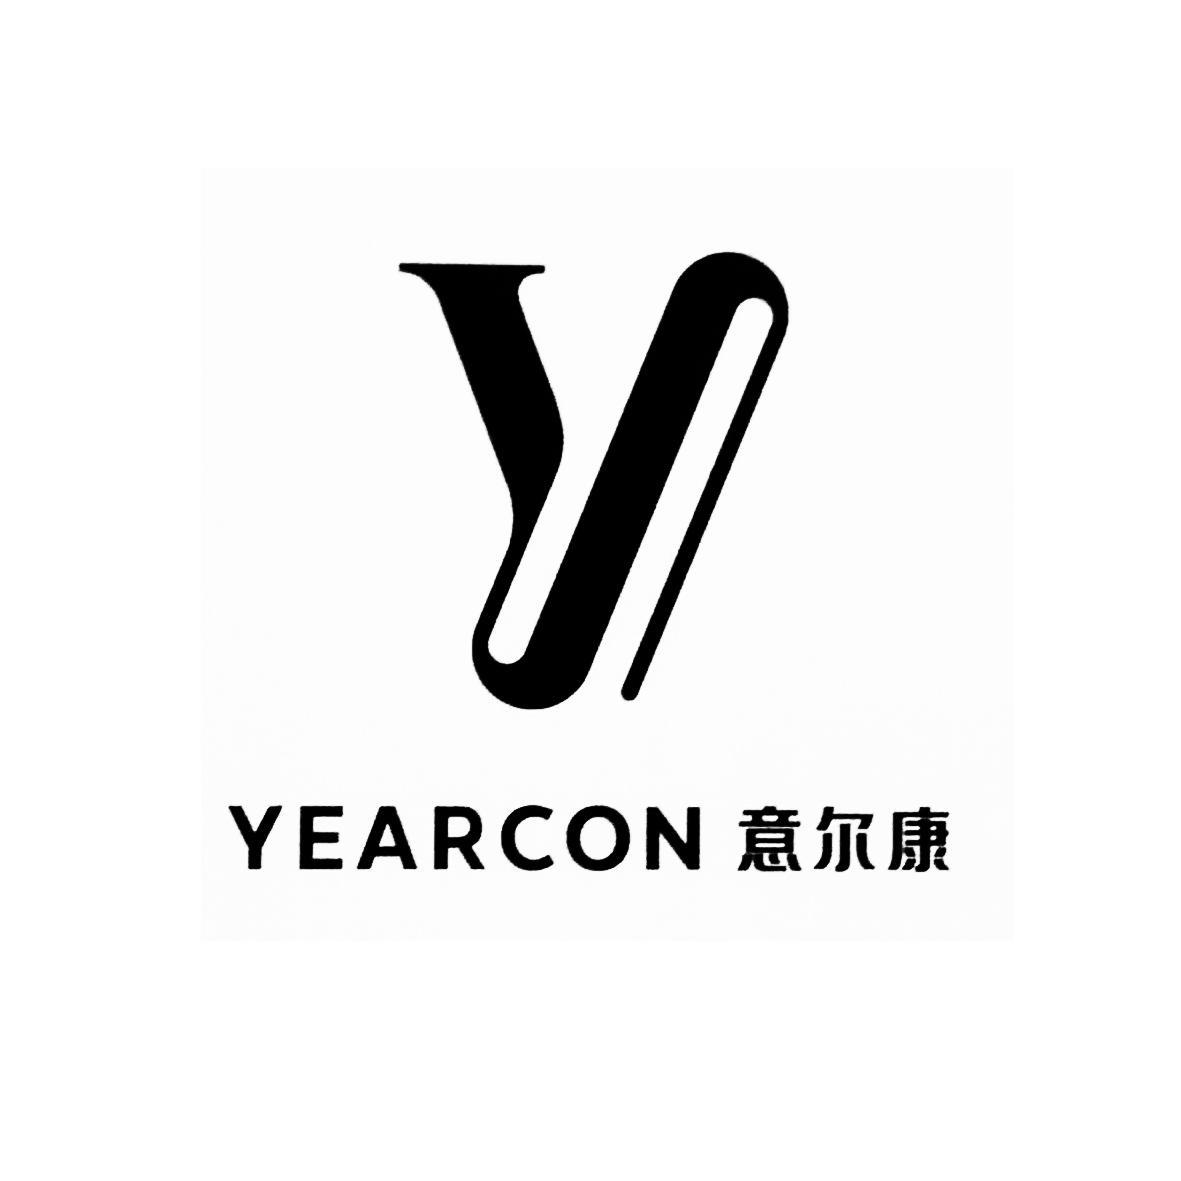 意尔康 yearcon